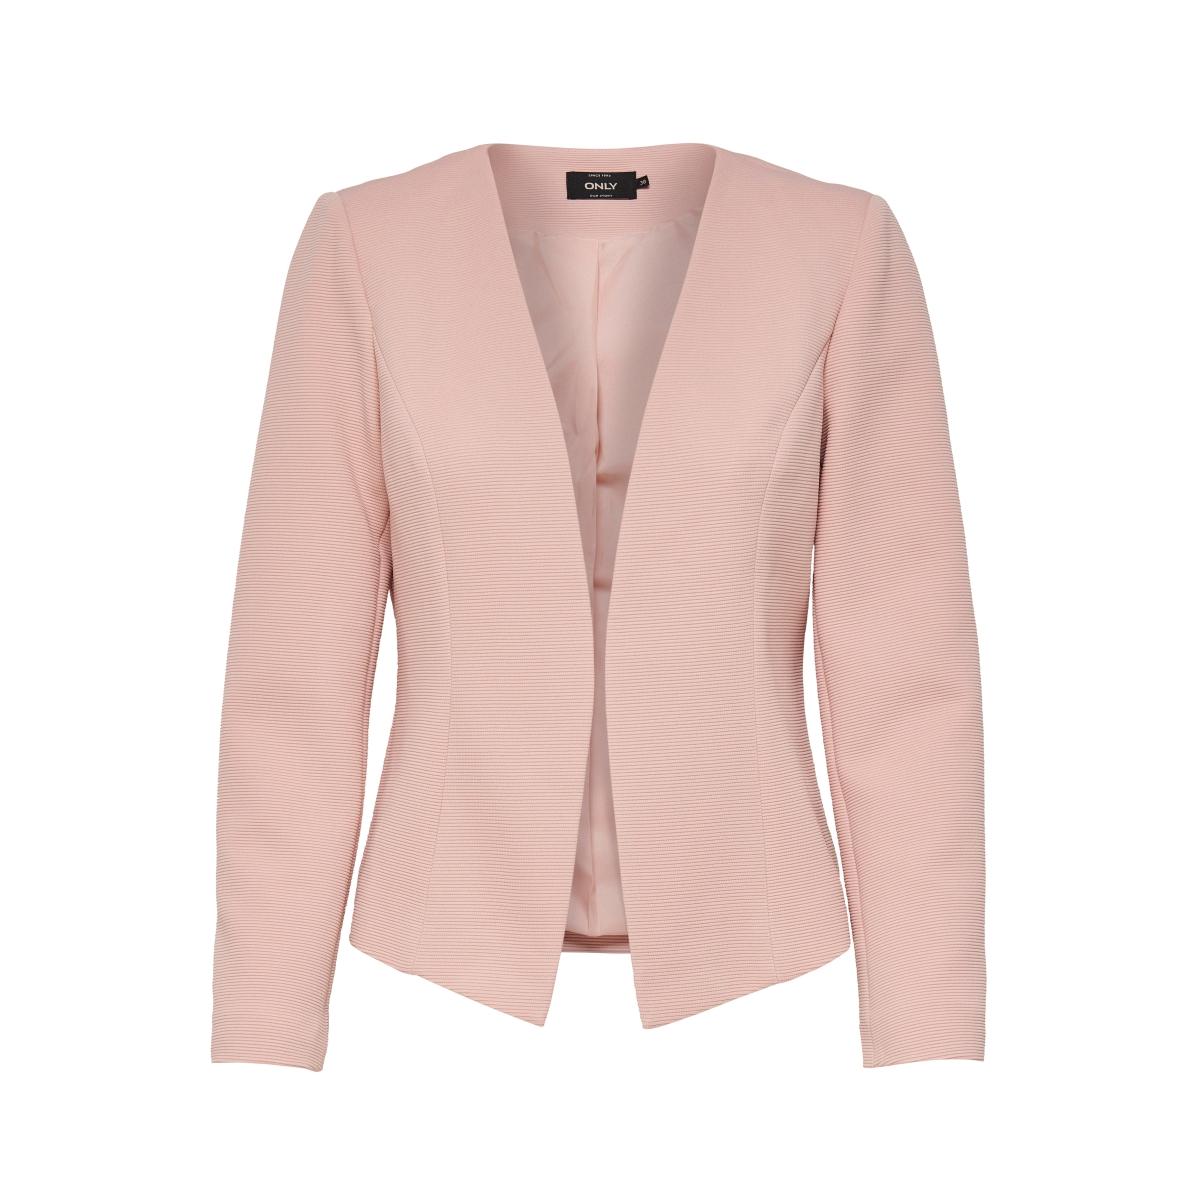 onlanna short blazer noos tlr 15152077 only blazer rose smoke. Black Bedroom Furniture Sets. Home Design Ideas